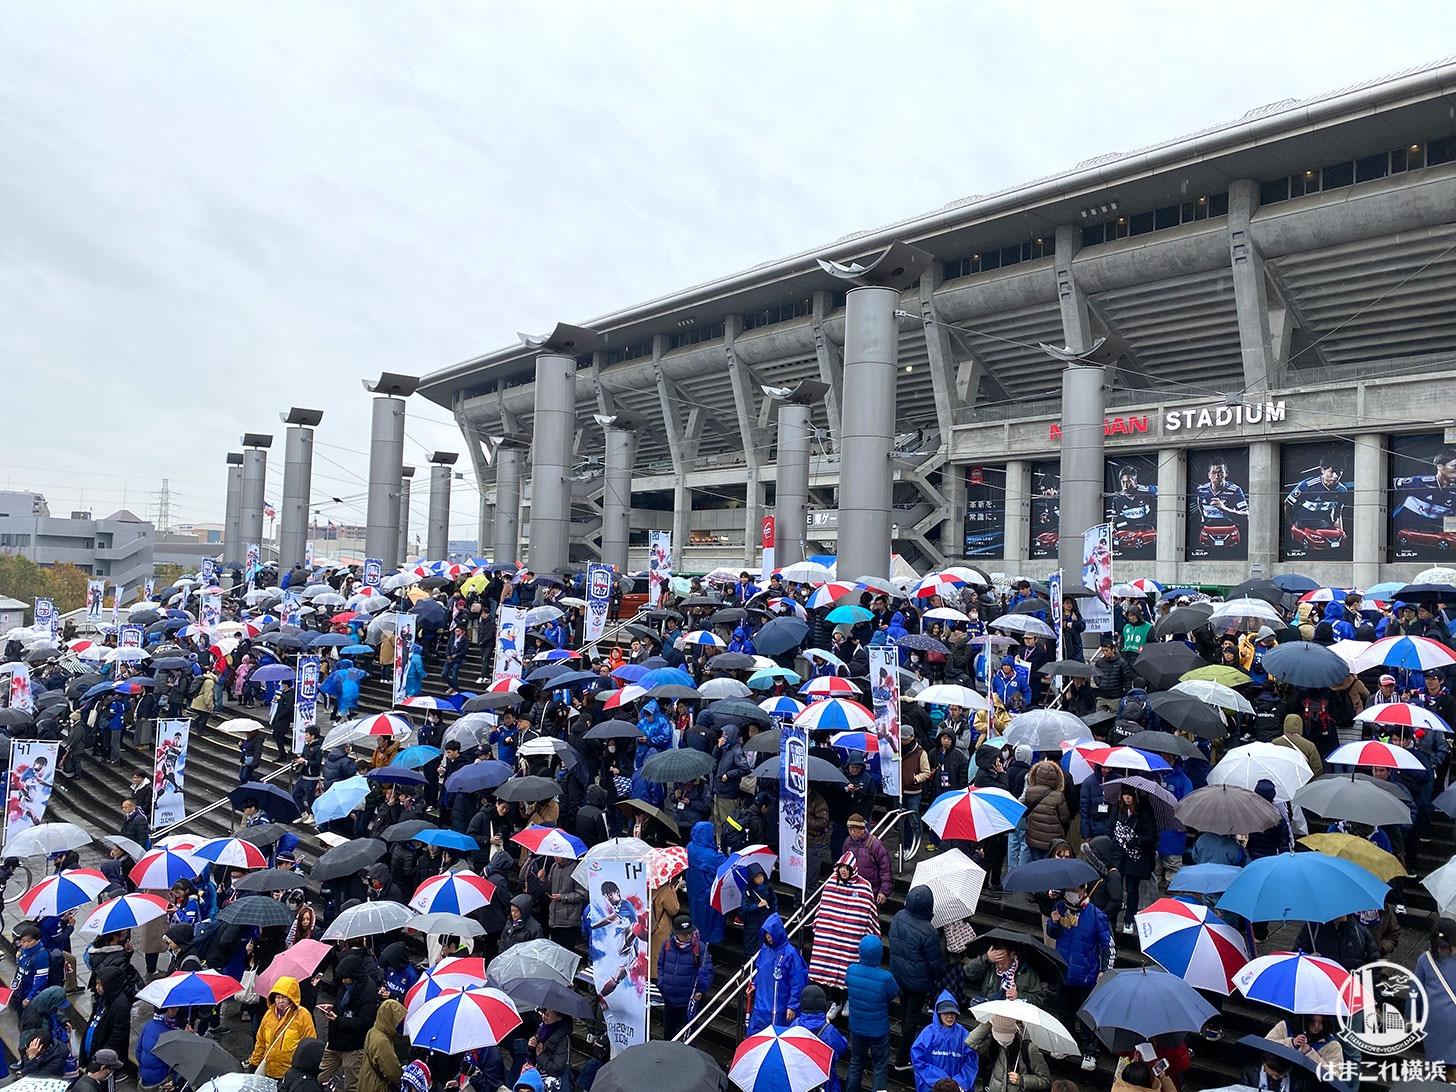 試合キックオフ前のスタジアム周辺雰囲気